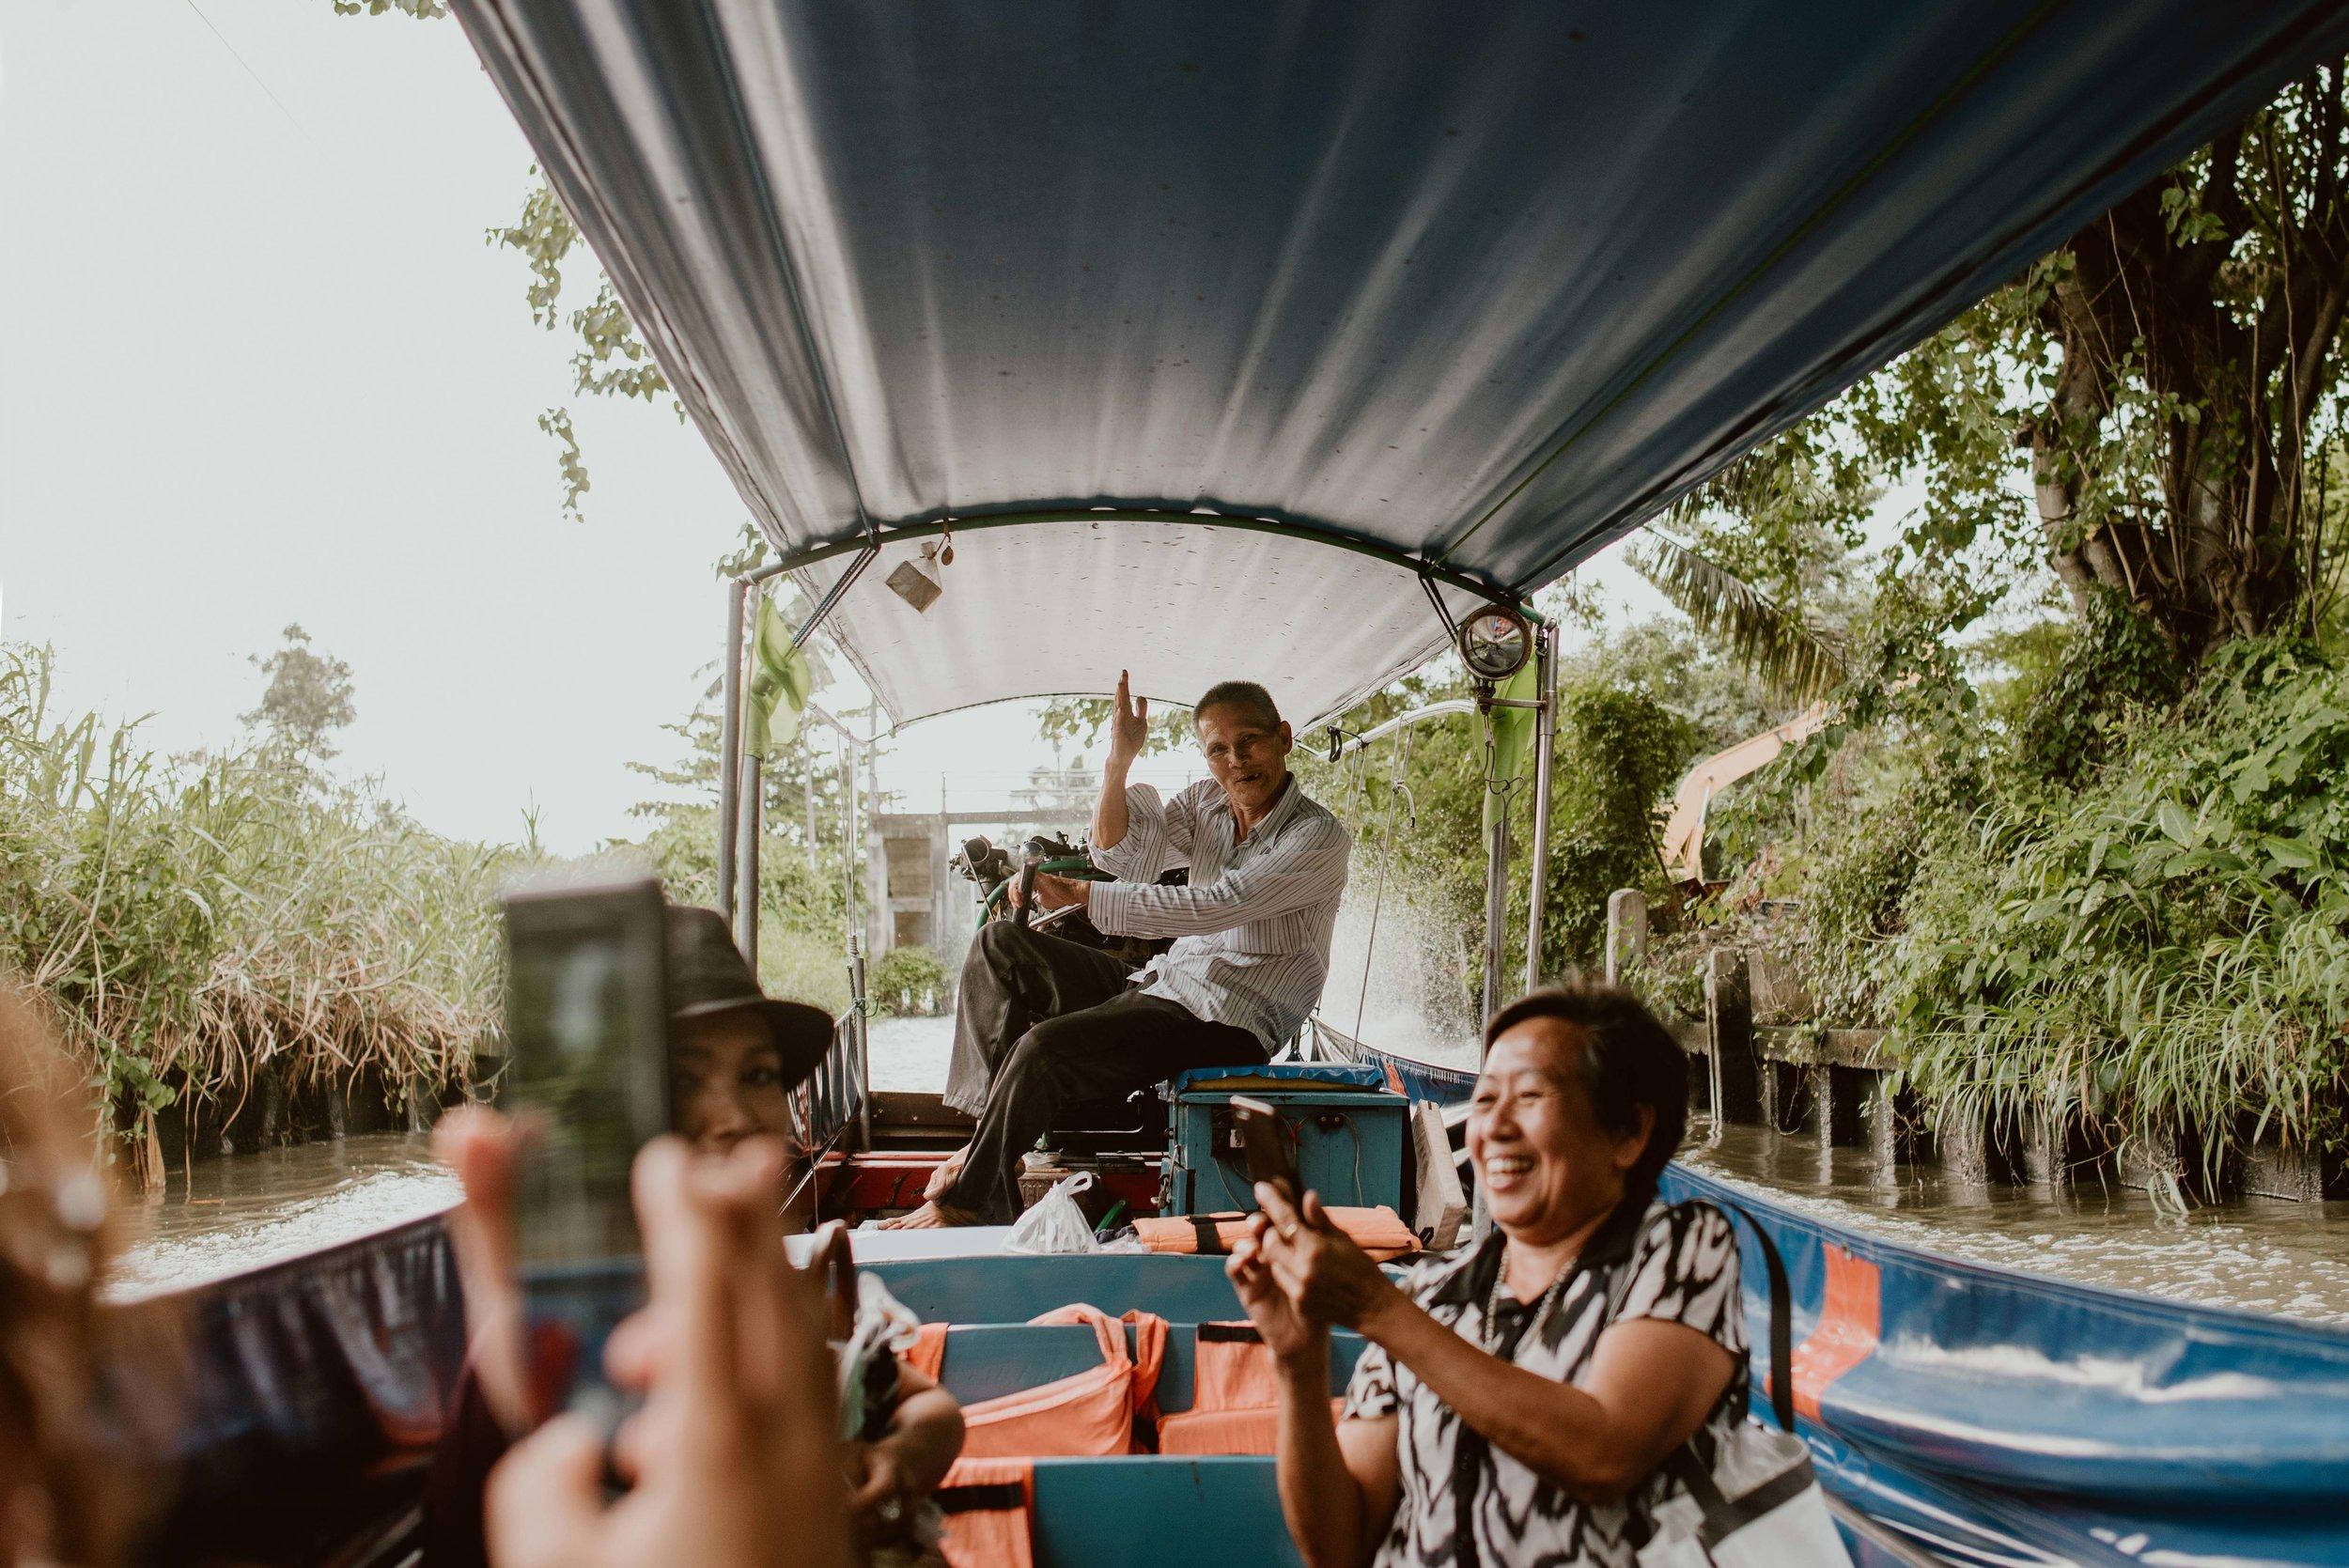 Bangkok-losebano-177.jpg